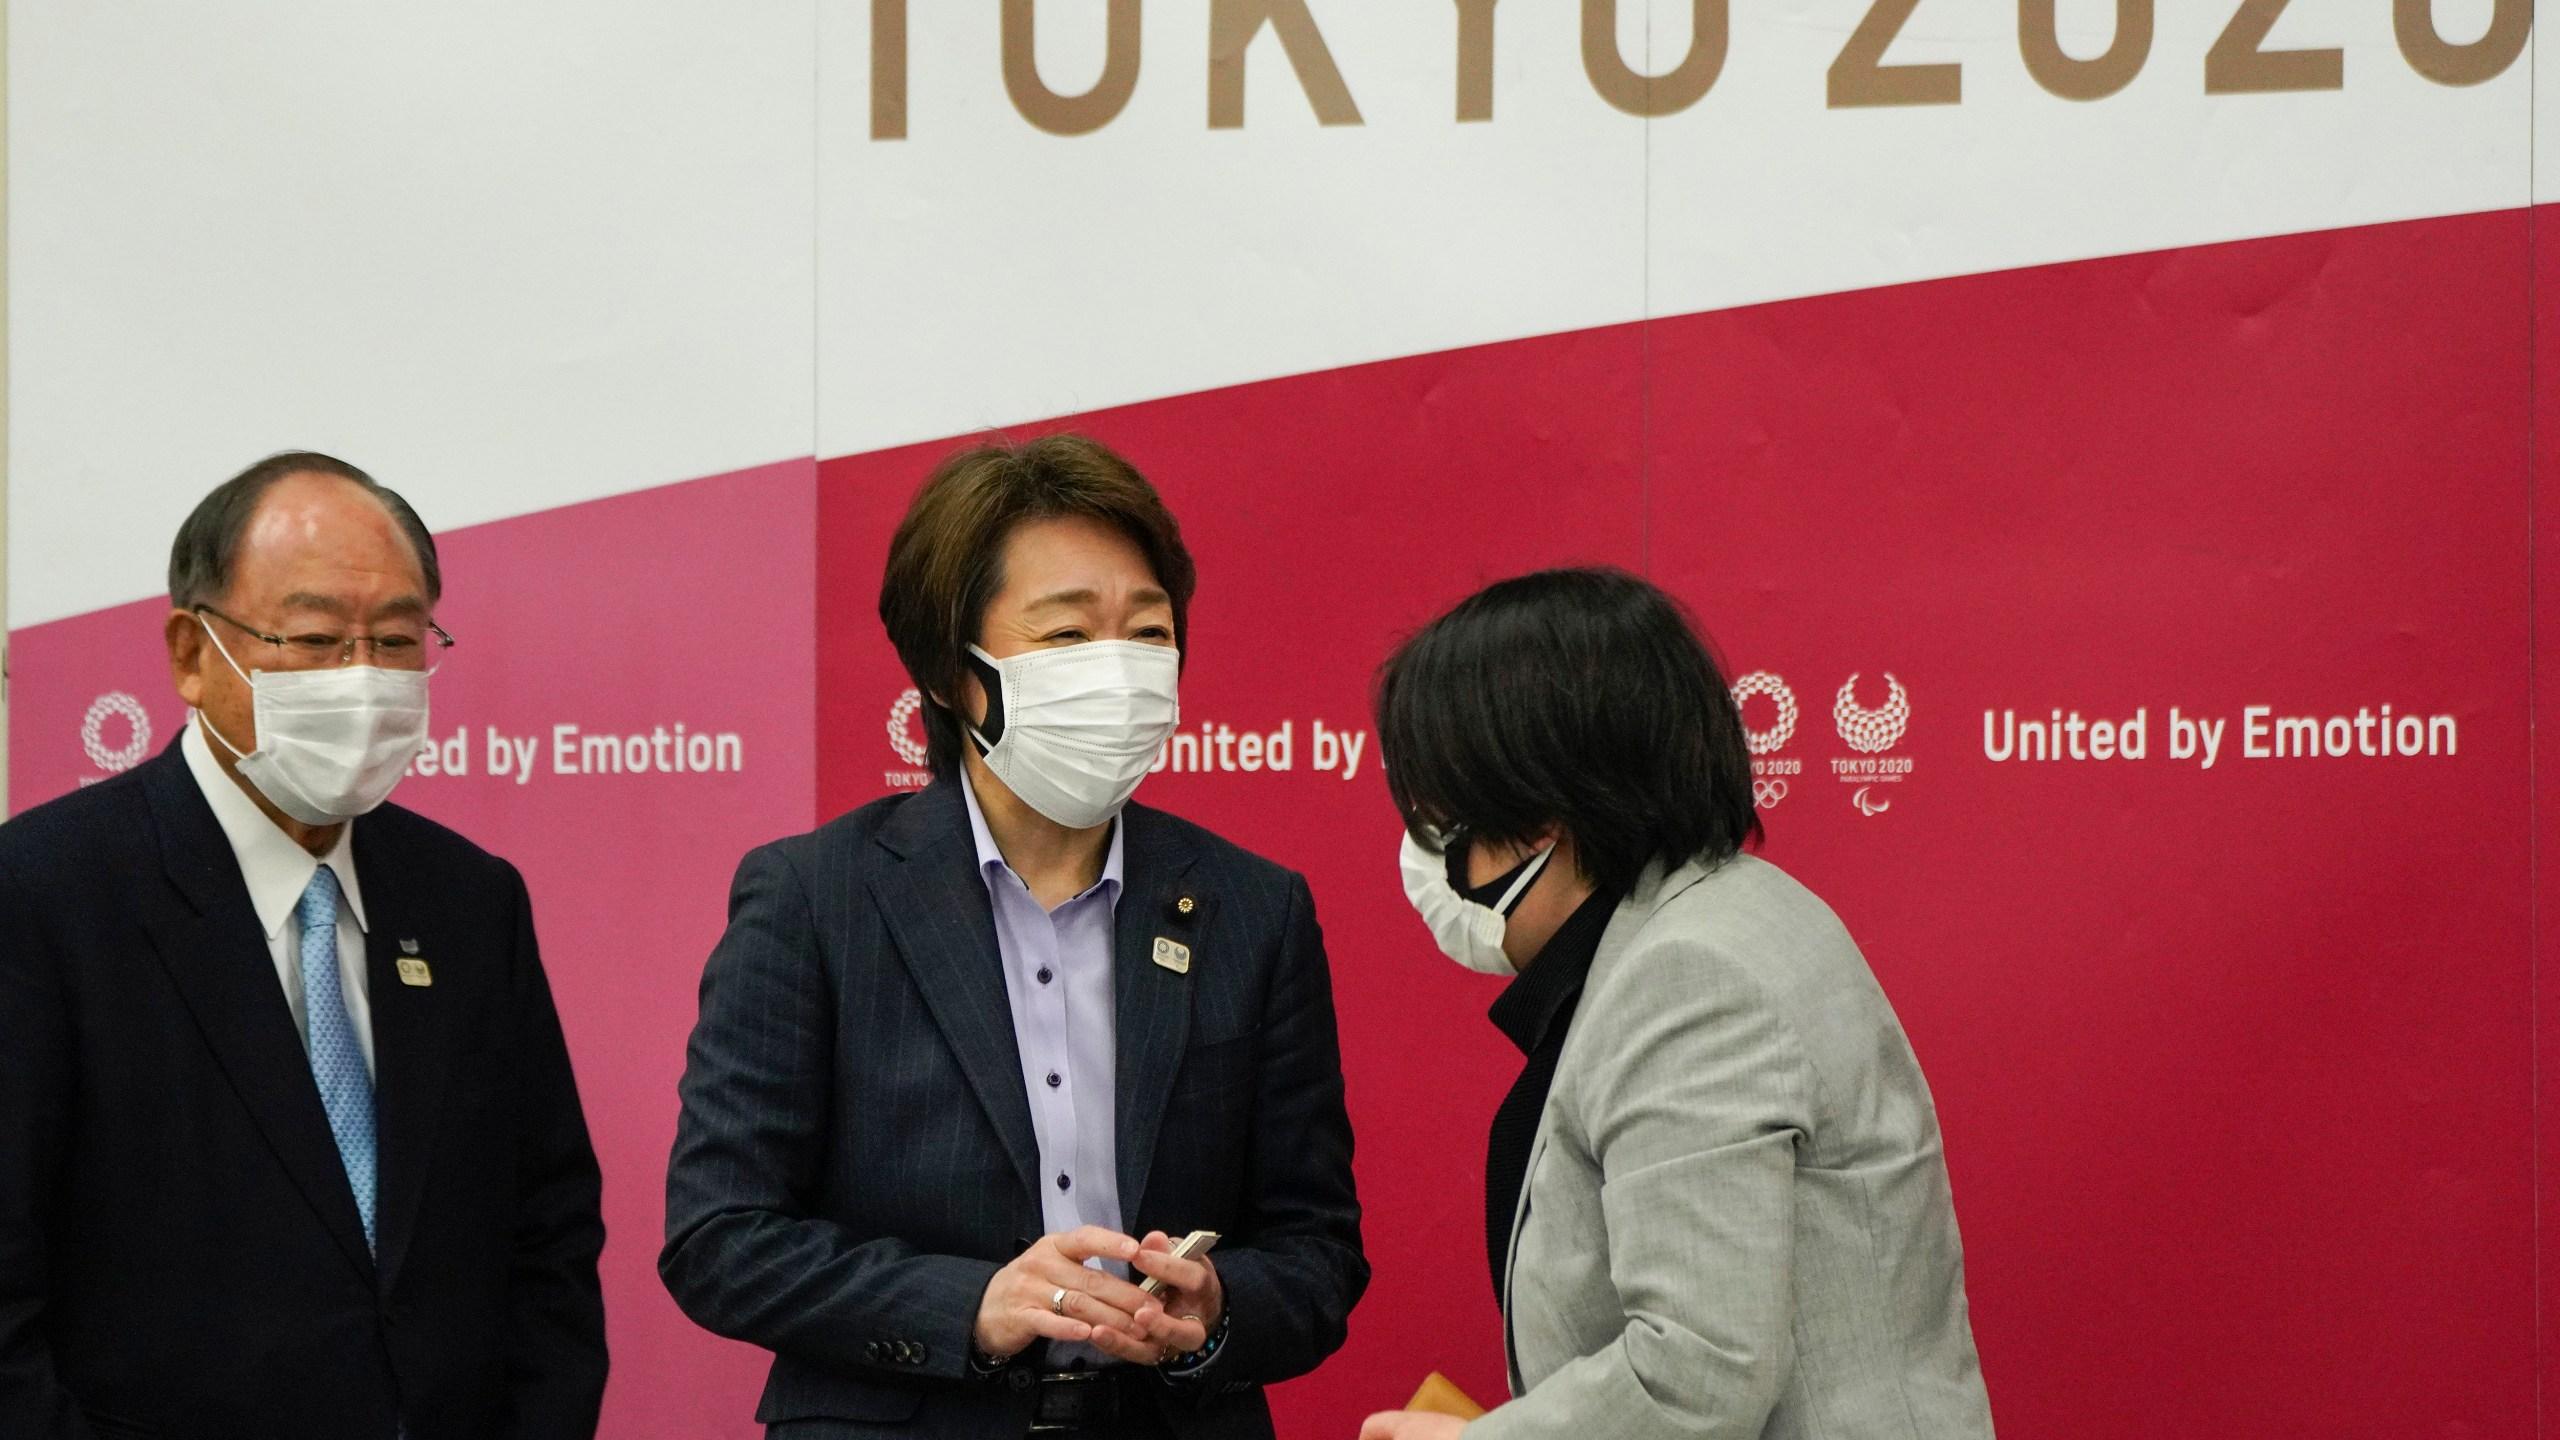 Seiko Hashimoto, Kyoko Raita